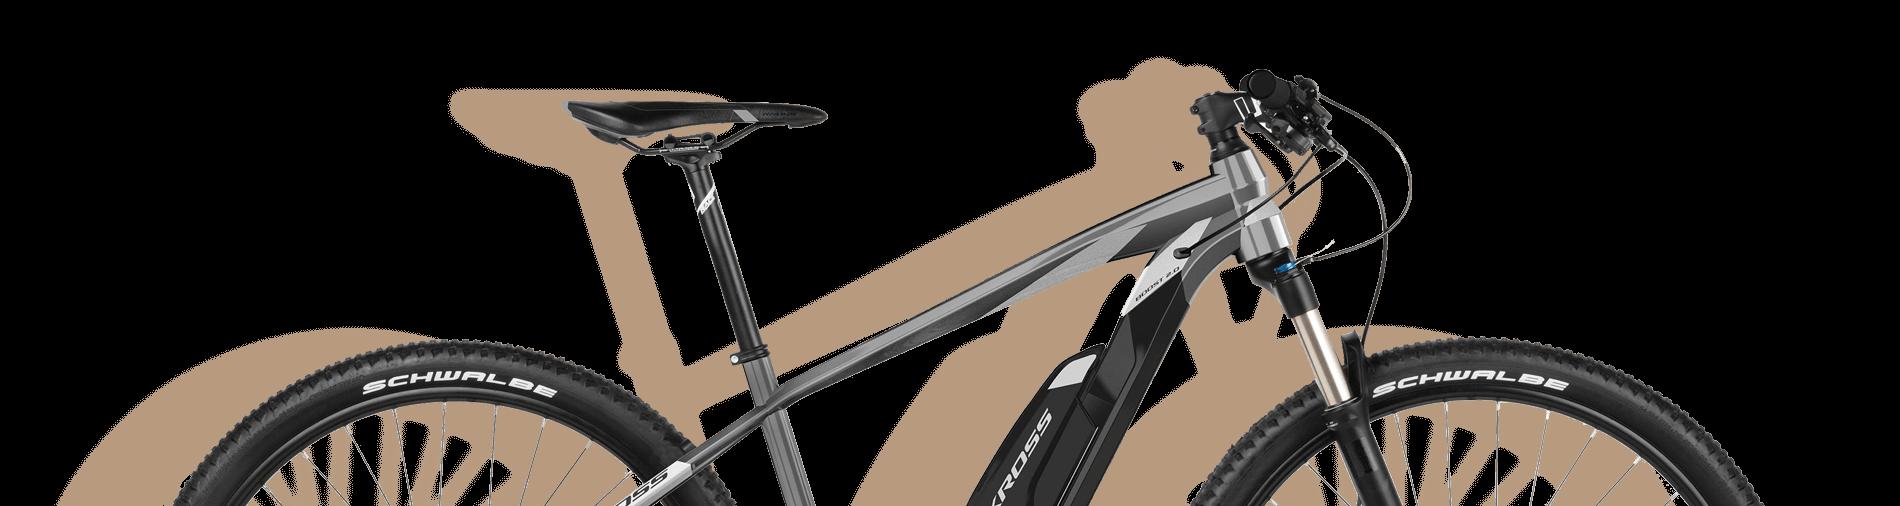 E-Bicikl Rental